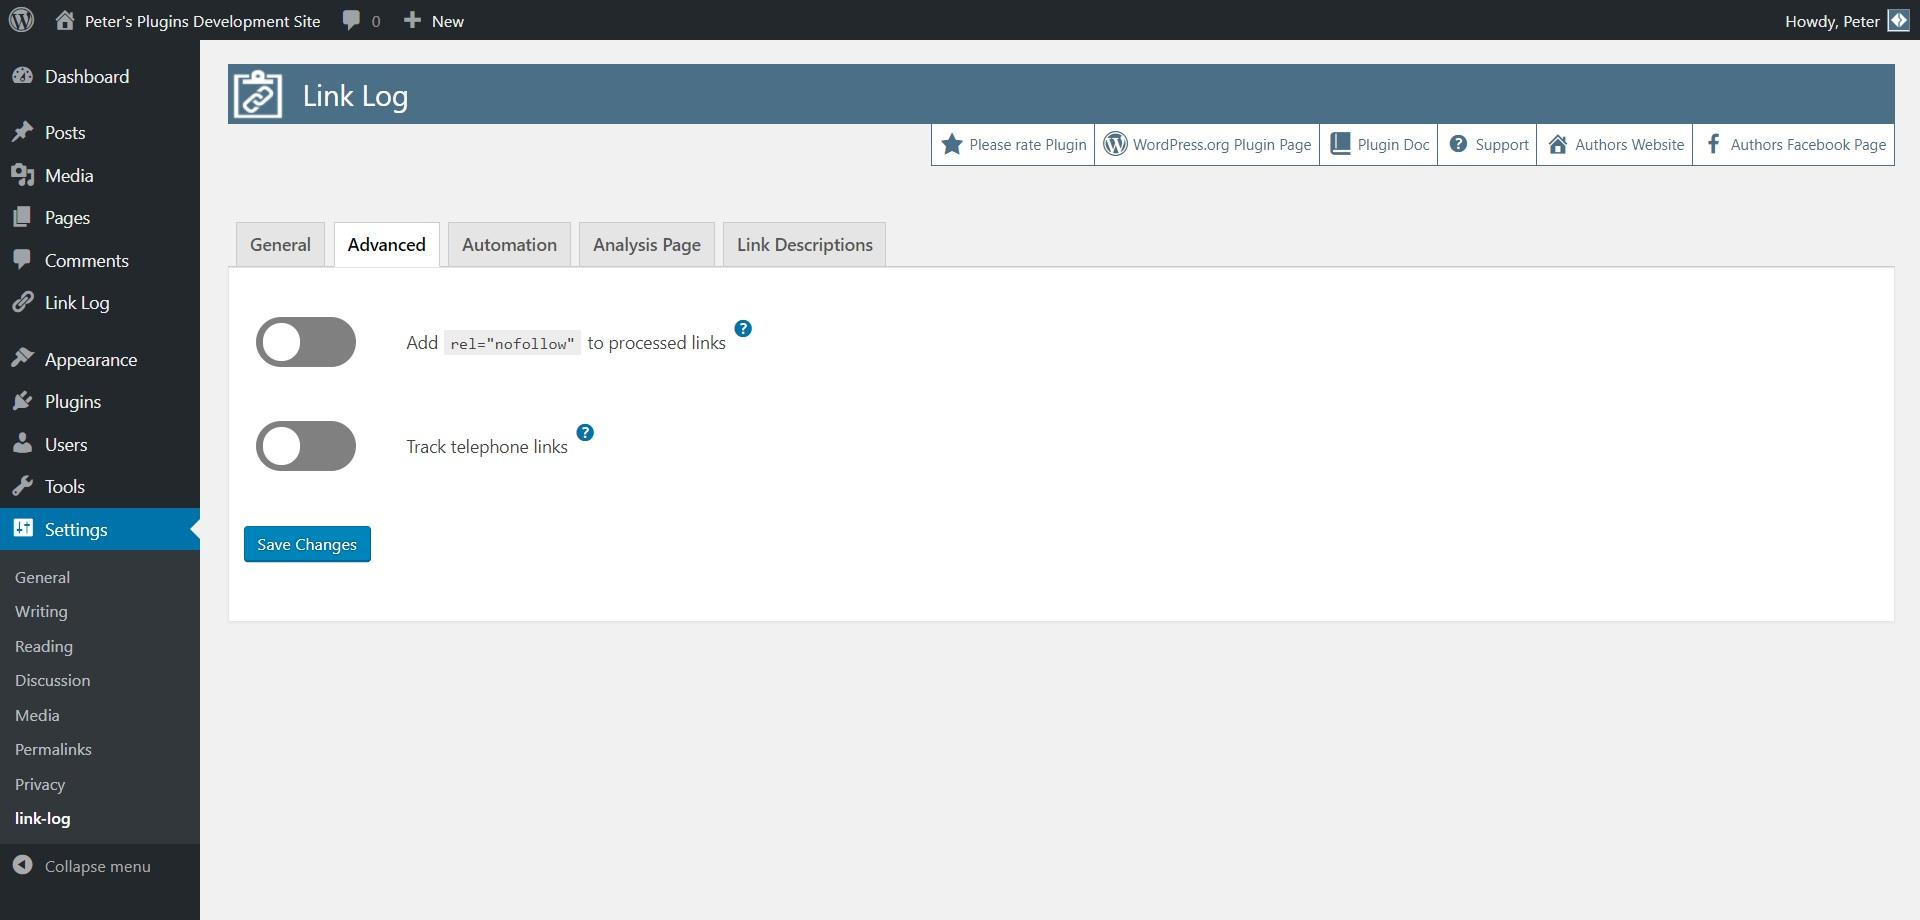 本文に挿入した外部リンクのクリック数を計測できるようにするプラグイン「link-log – external link click monitor」の画像|Knowledge Base